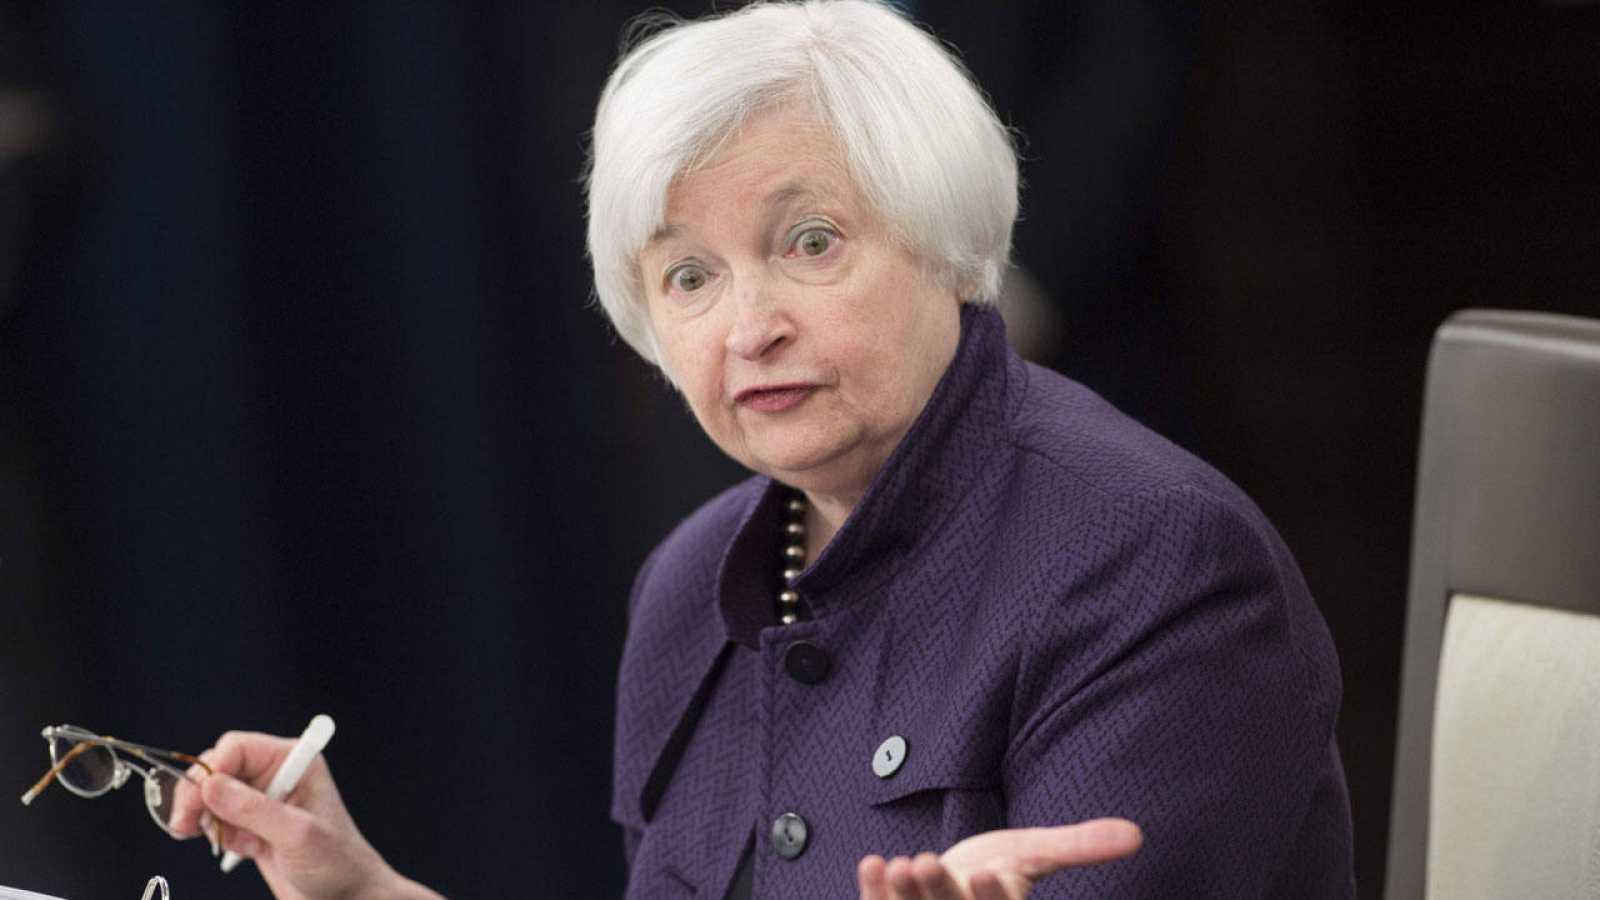 La presidenta de la Reserva Federal, Yanet Yellen, en una foto de archivo